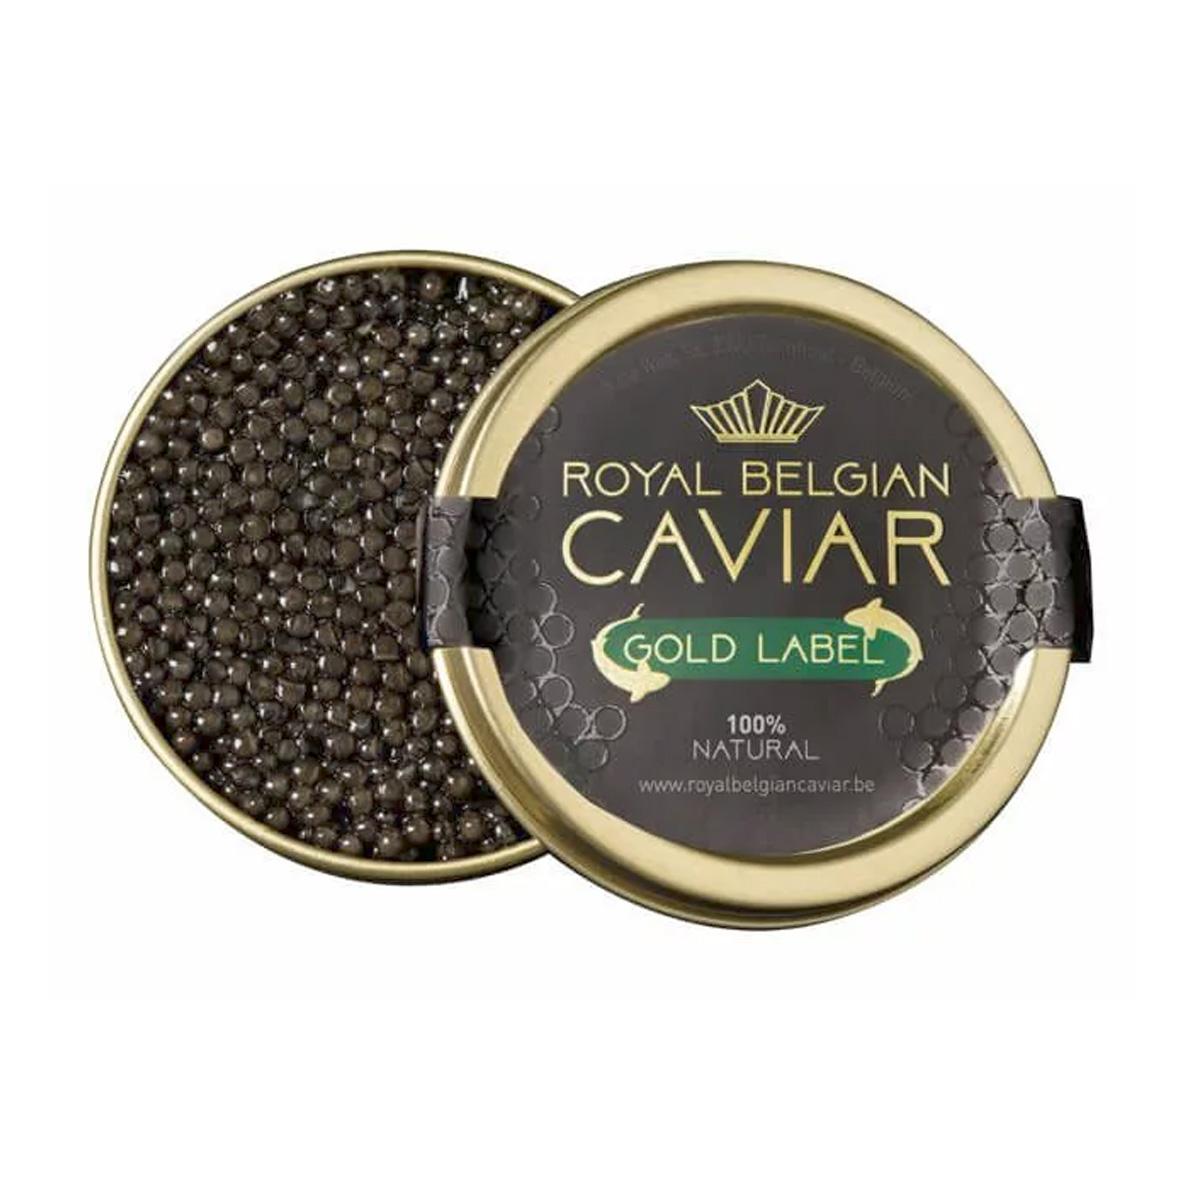 Caviar - Royal Belgian Caviar - Gold Label